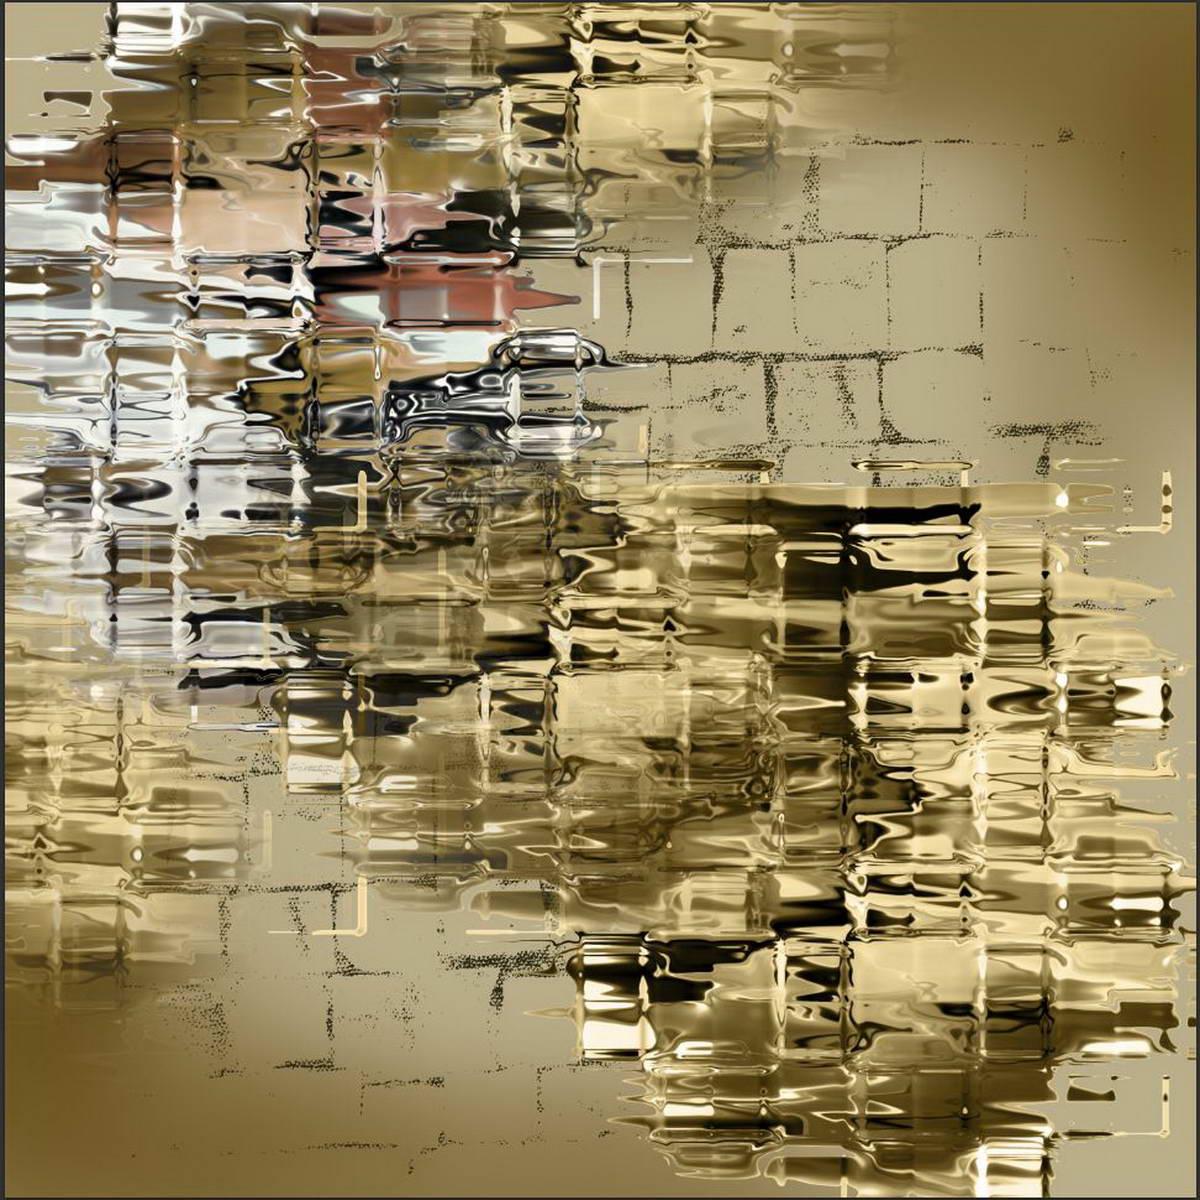 Платок Venera, цвет: оливковый, бежевый, черный. 3902627-9. Размер 90 см х 90 см3902627-9Платок Venera выполнен из 100% полиэстера. Материал мягкий, уютный и приятный на ощупь. Модель дополнена интересным зеркальным принтом. Отличный выбор для повседневного городского образа. Необычный рисунок привлечет внимание окружающих. В нем вы будете неповторимы.